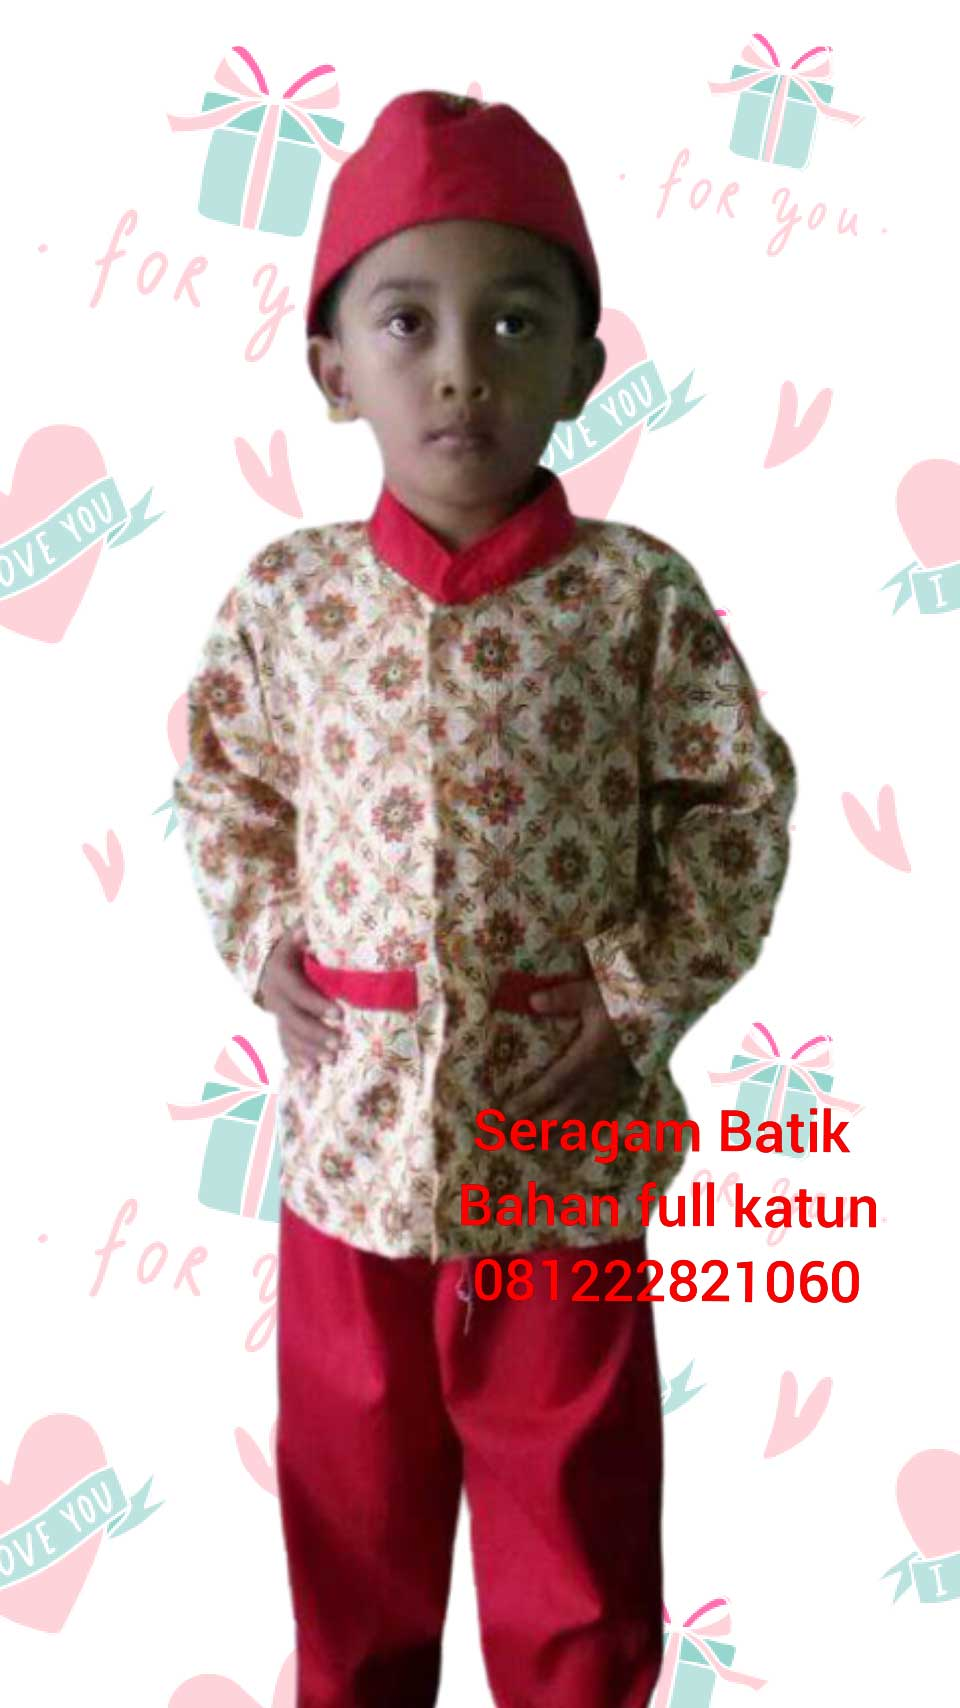 gambar seragam sekolah tk berkualitas Taktakan Kota Serang, Banten